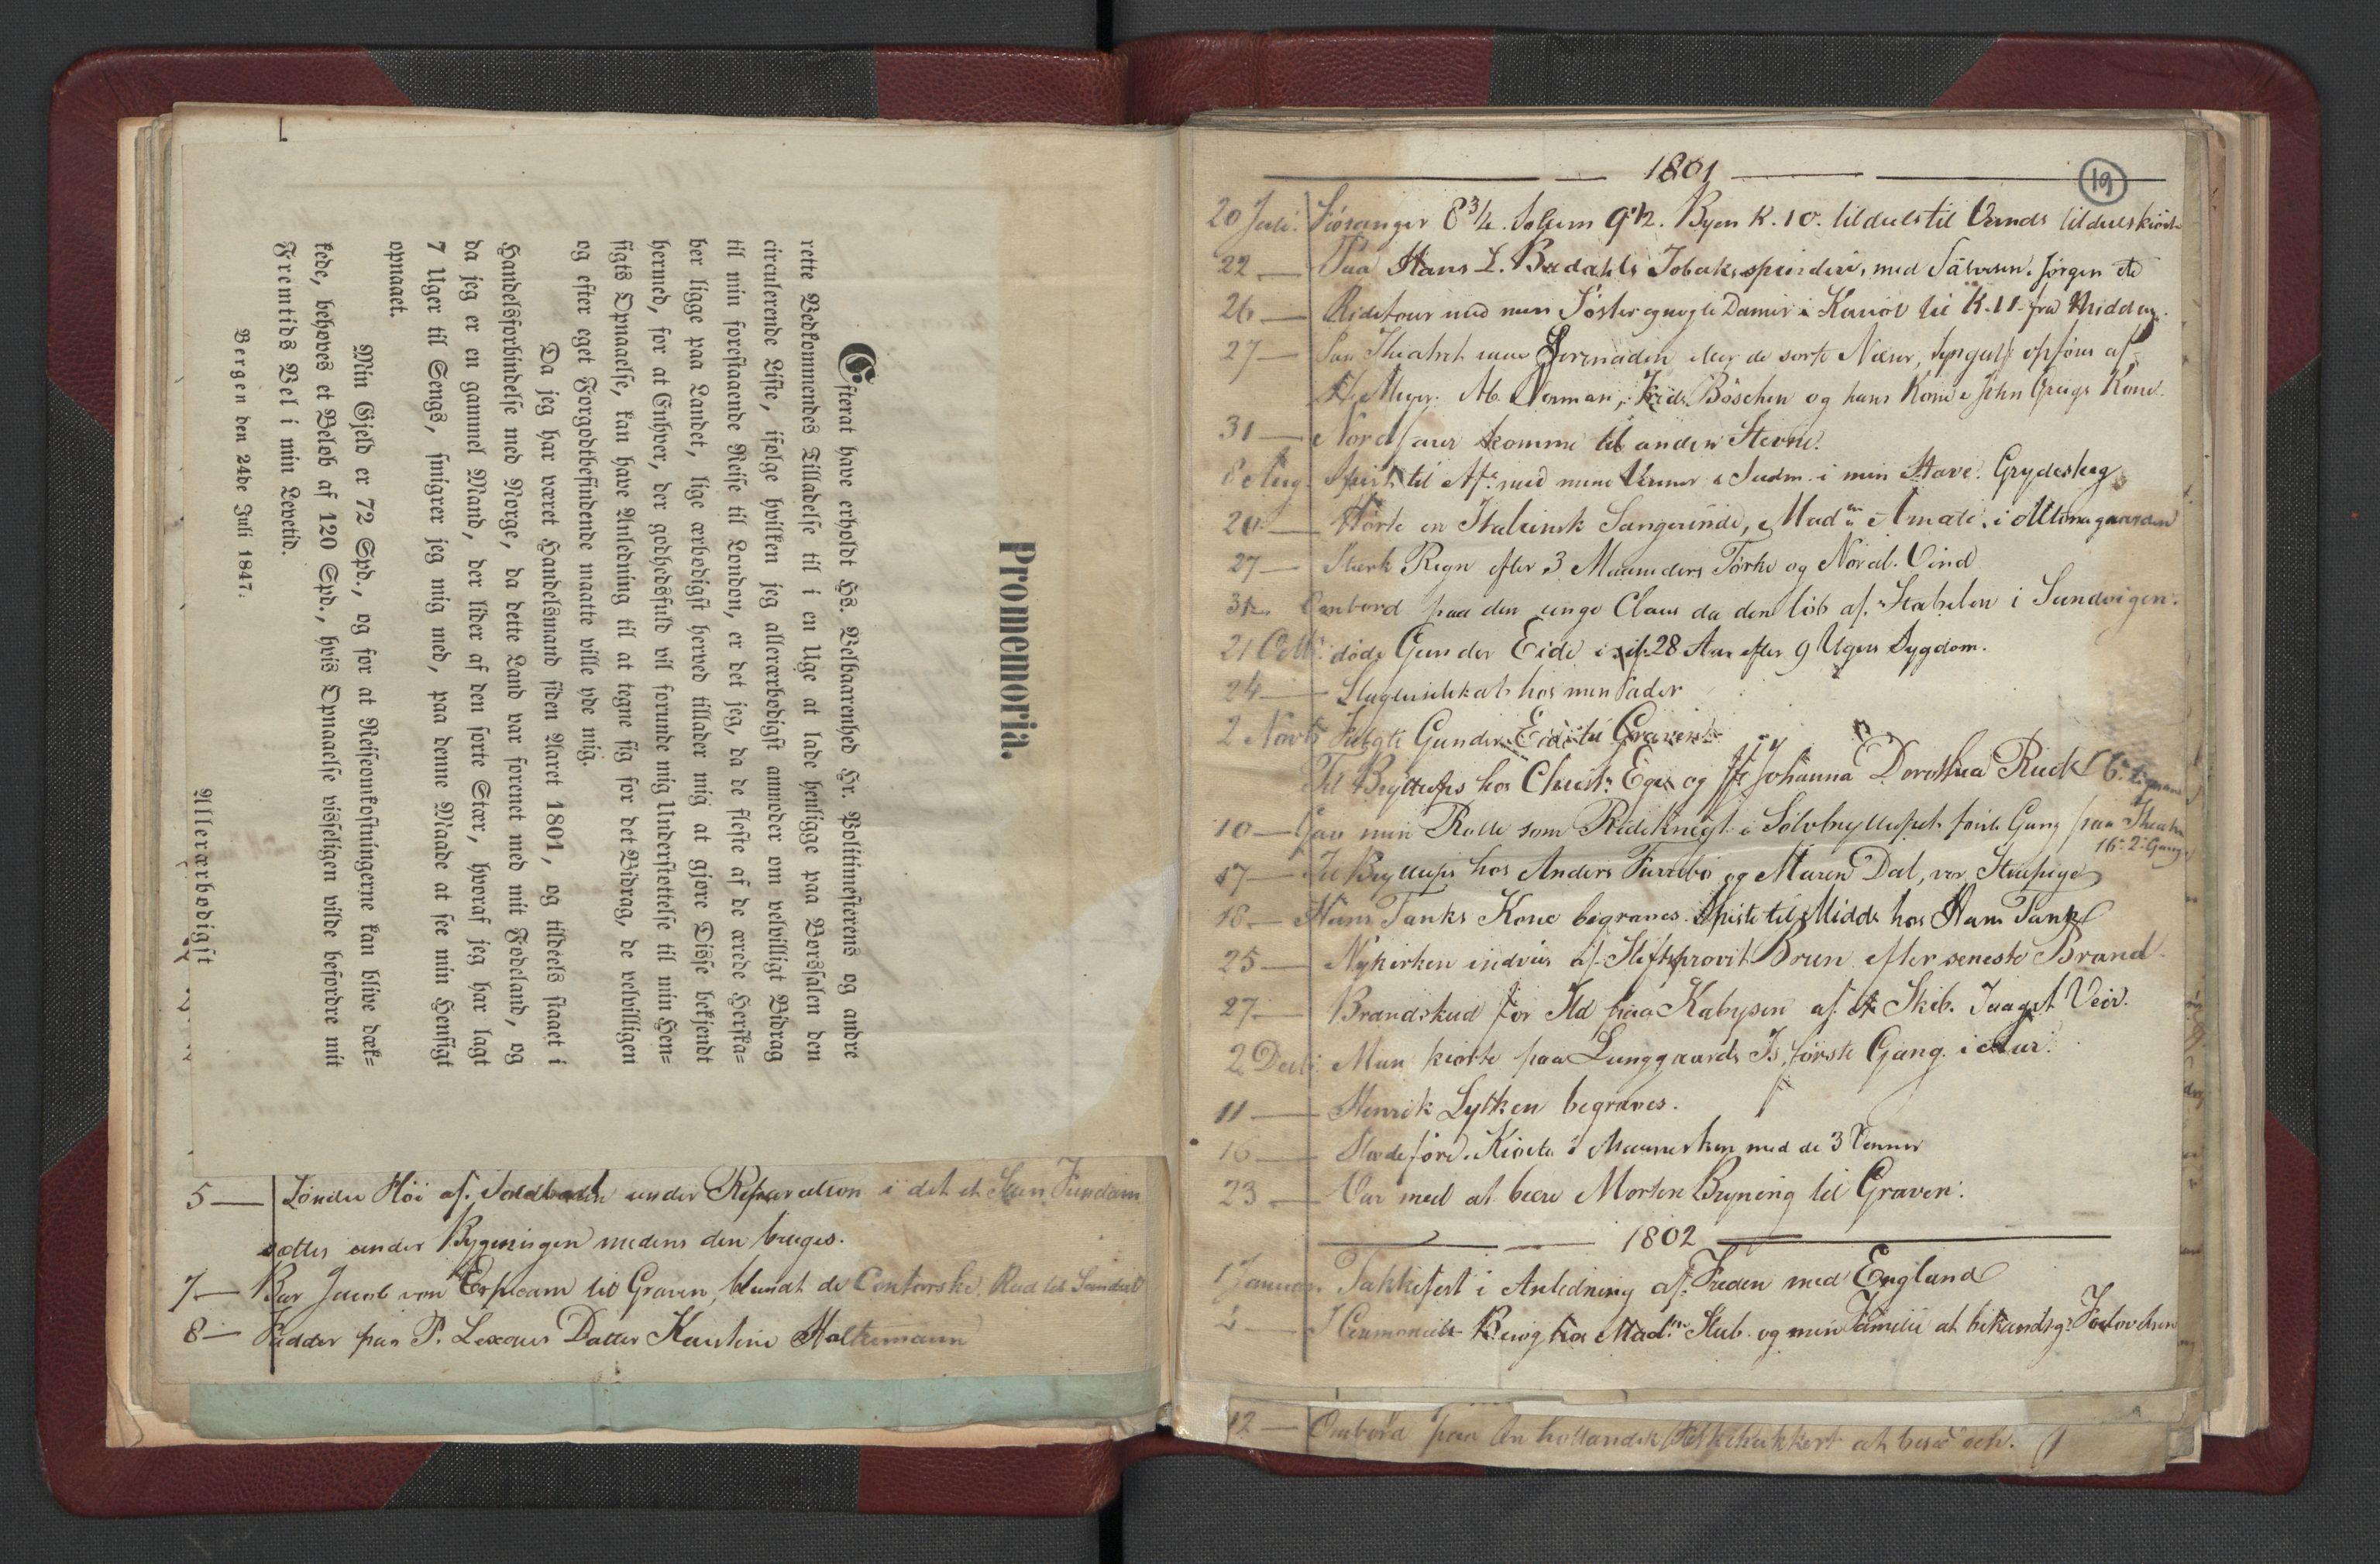 RA, Meltzer, Fredrik, F/L0002: Dagbok, 1796-1808, s. 18b-19a